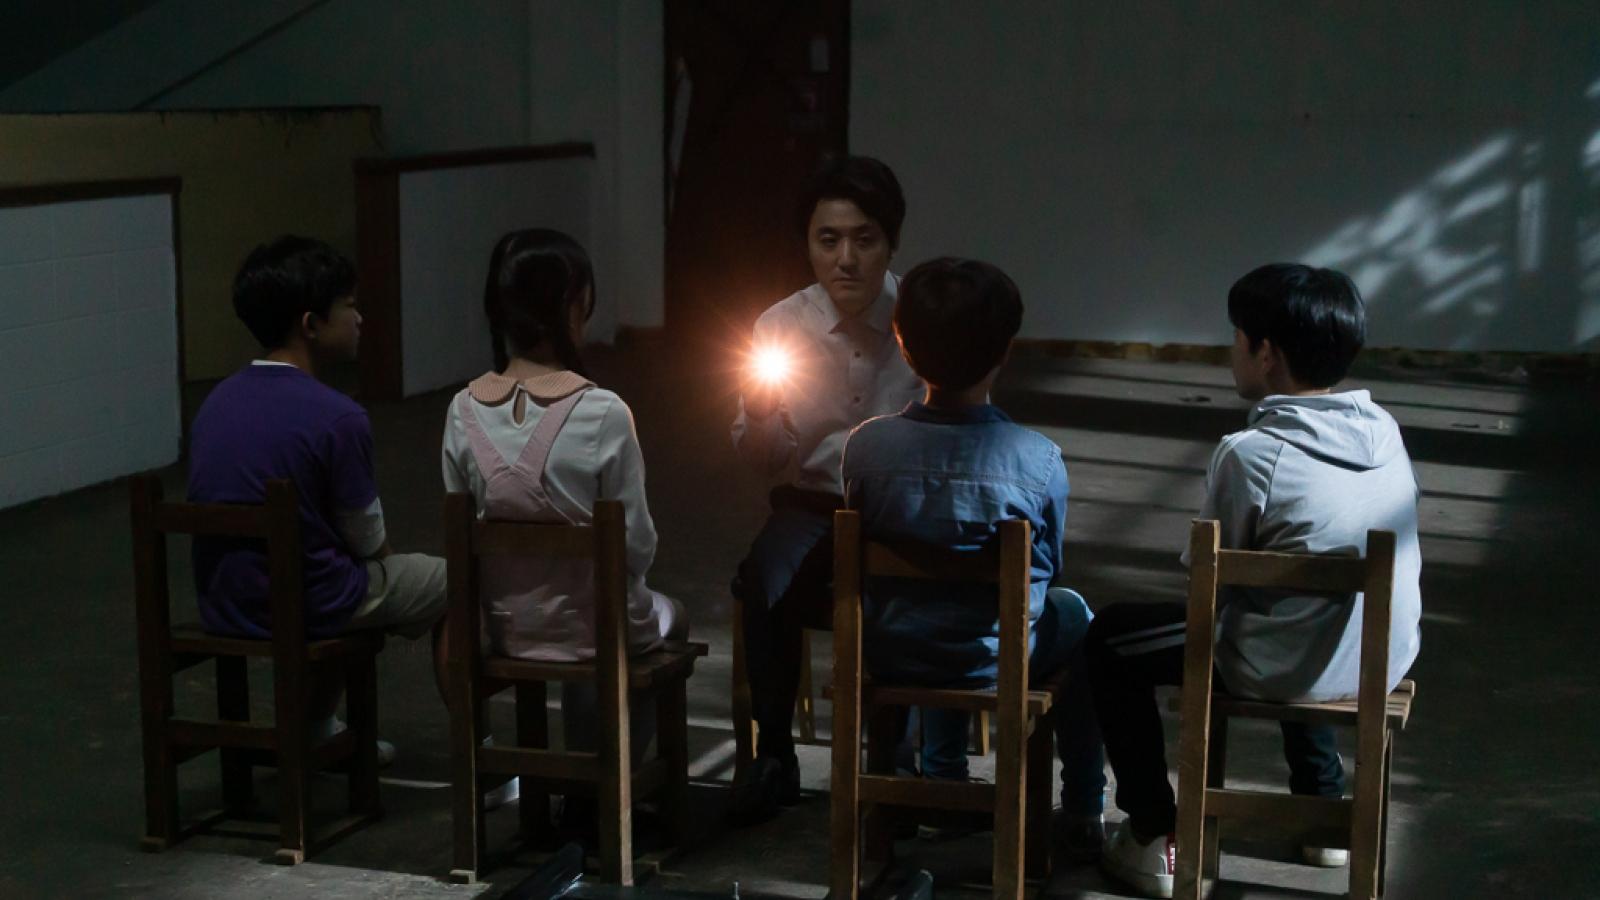 The Hypnosis – Phim kinh dị Hàn Quốc lấy chủ đề thôi miên